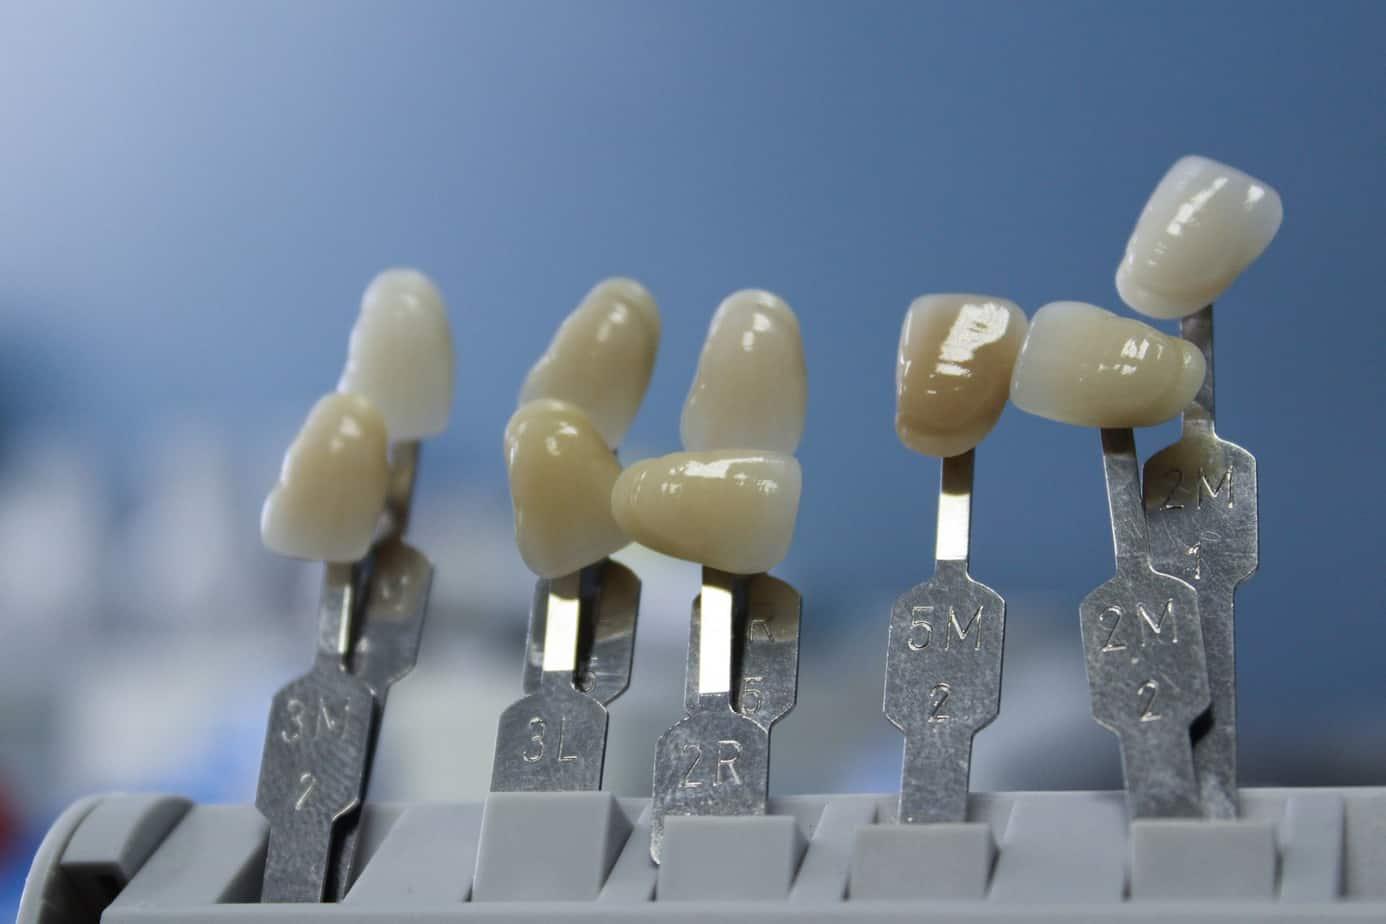 Concejo aprueba 20 millones de los fuegos artificiales para laboratorio dental angelino